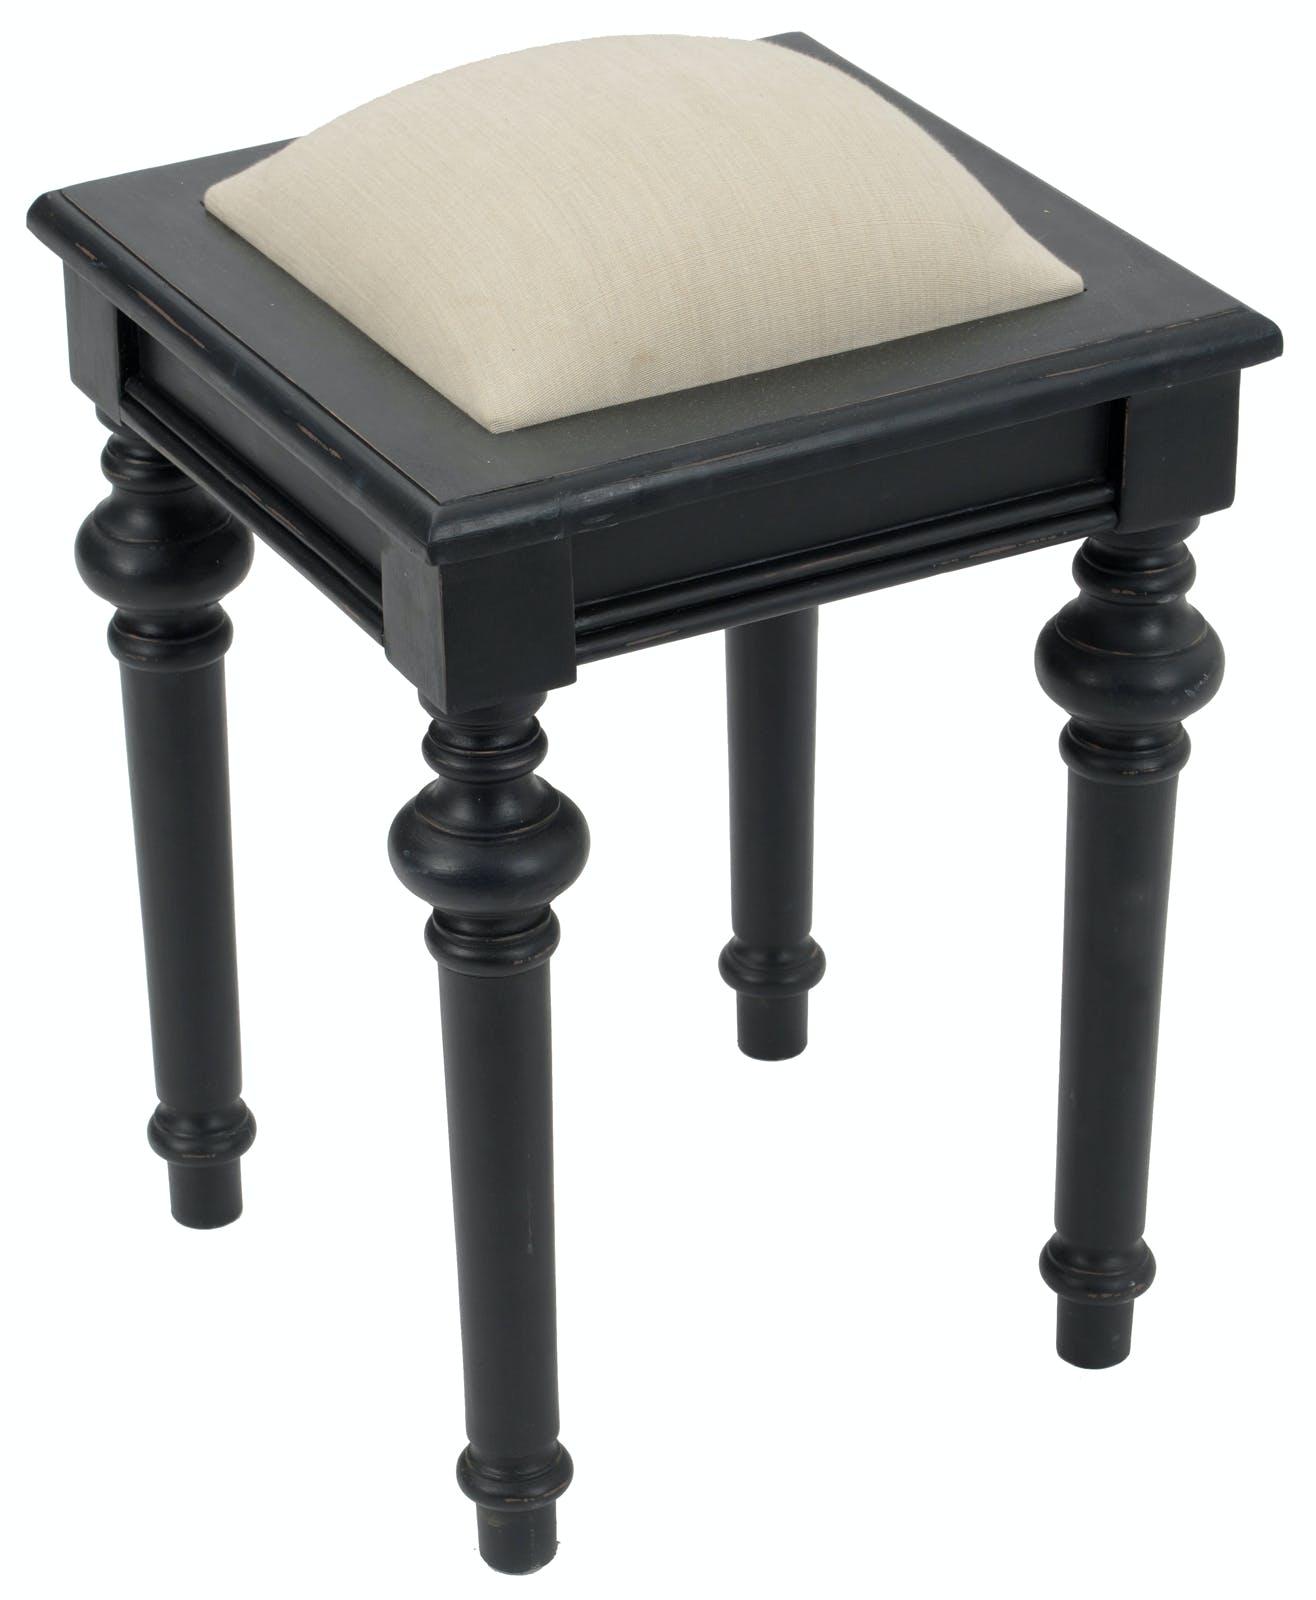 Tabouret de coiffeuse baroque en bois noir et tissu beige NEW LEGENDE L34xP34xH45 AMADEUS